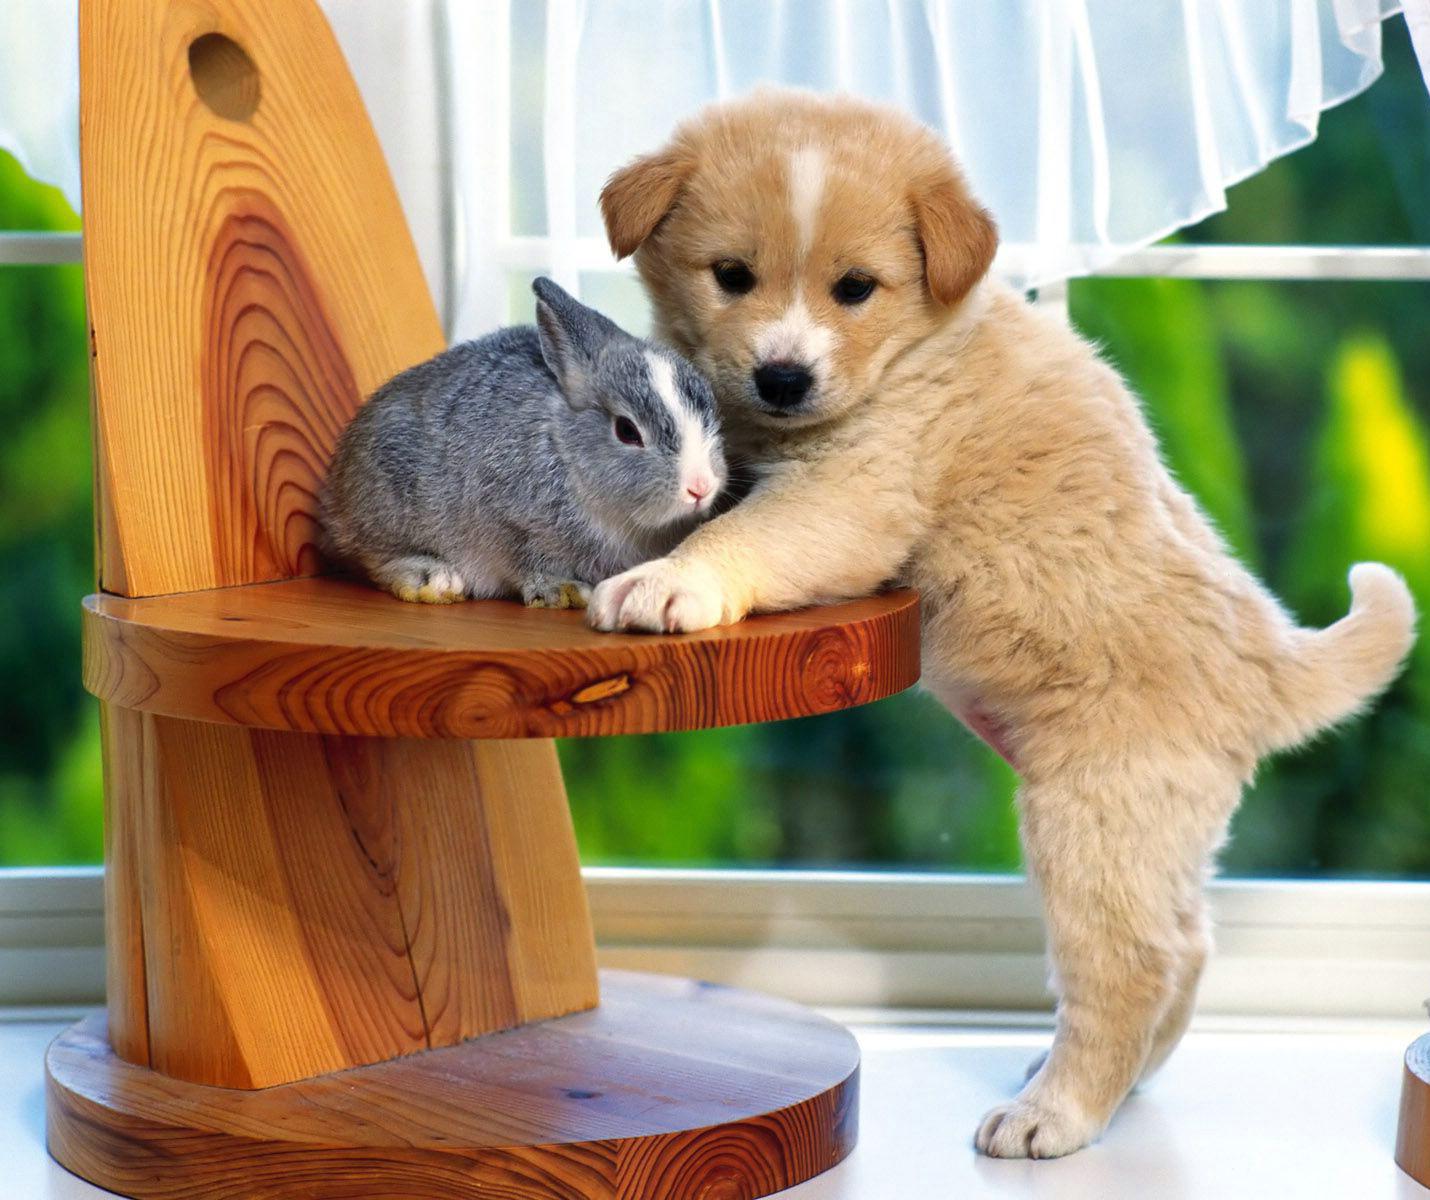 PET ANIMALS PHOTOS: PET ANIMALS PHOTOS